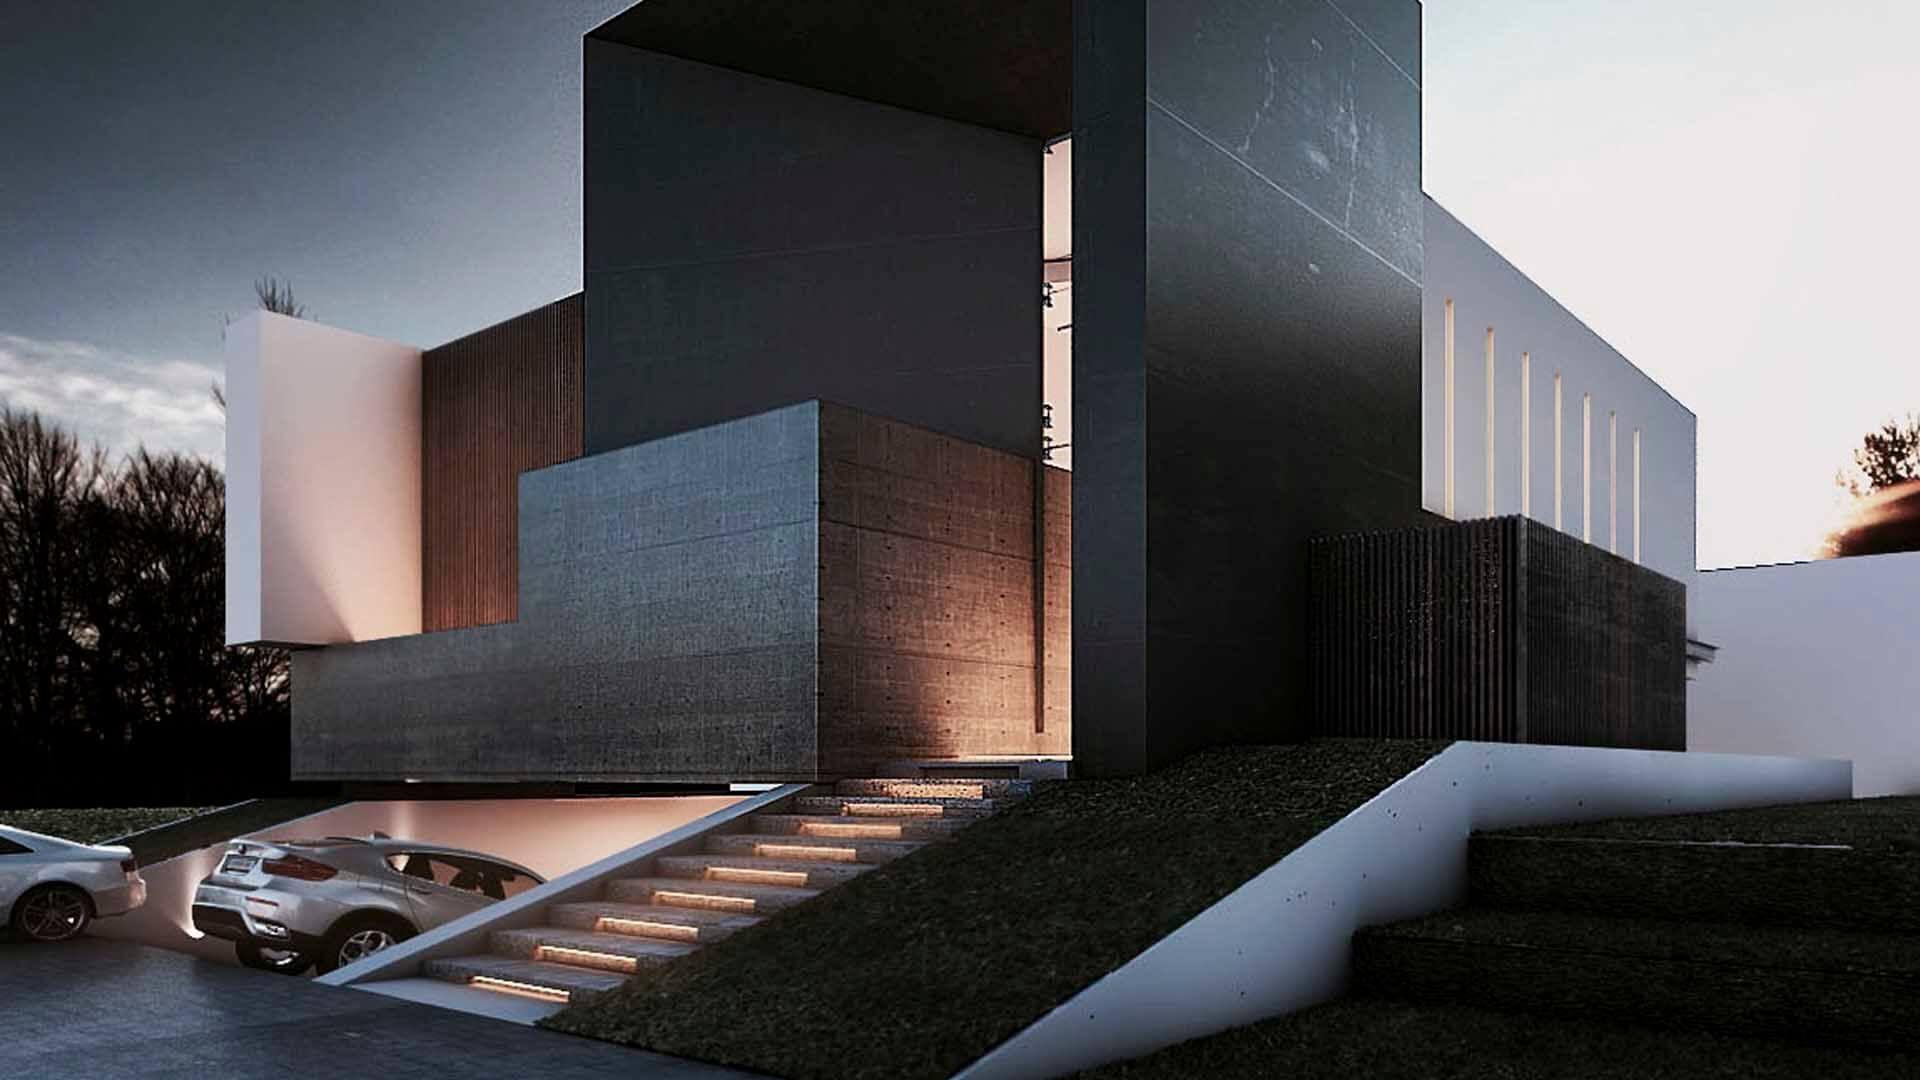 Proyectos creato casa terra arquitectura en la piel for Arquitectura moderna casas